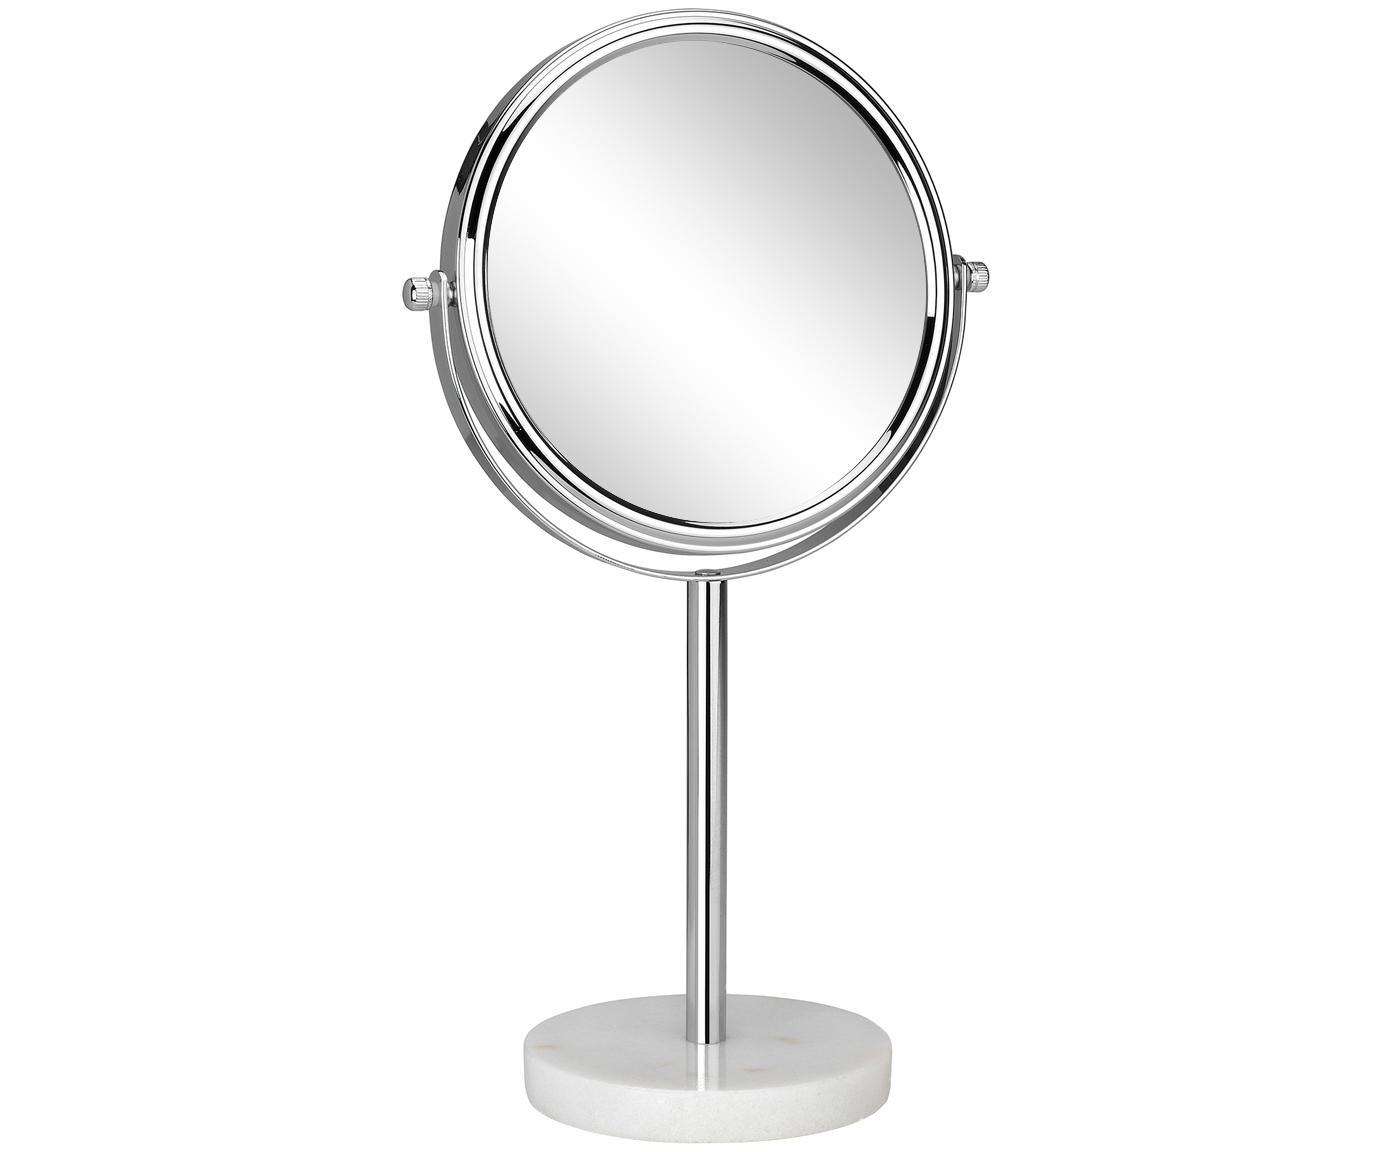 Specchio cosmetico con ingrandimento Copper, Gambo: marmo, Cornice: metallo cromato, Superficie dello specchio: lastra di vetro, Bianco, argento, Ø 20 x Alt. 34 cm